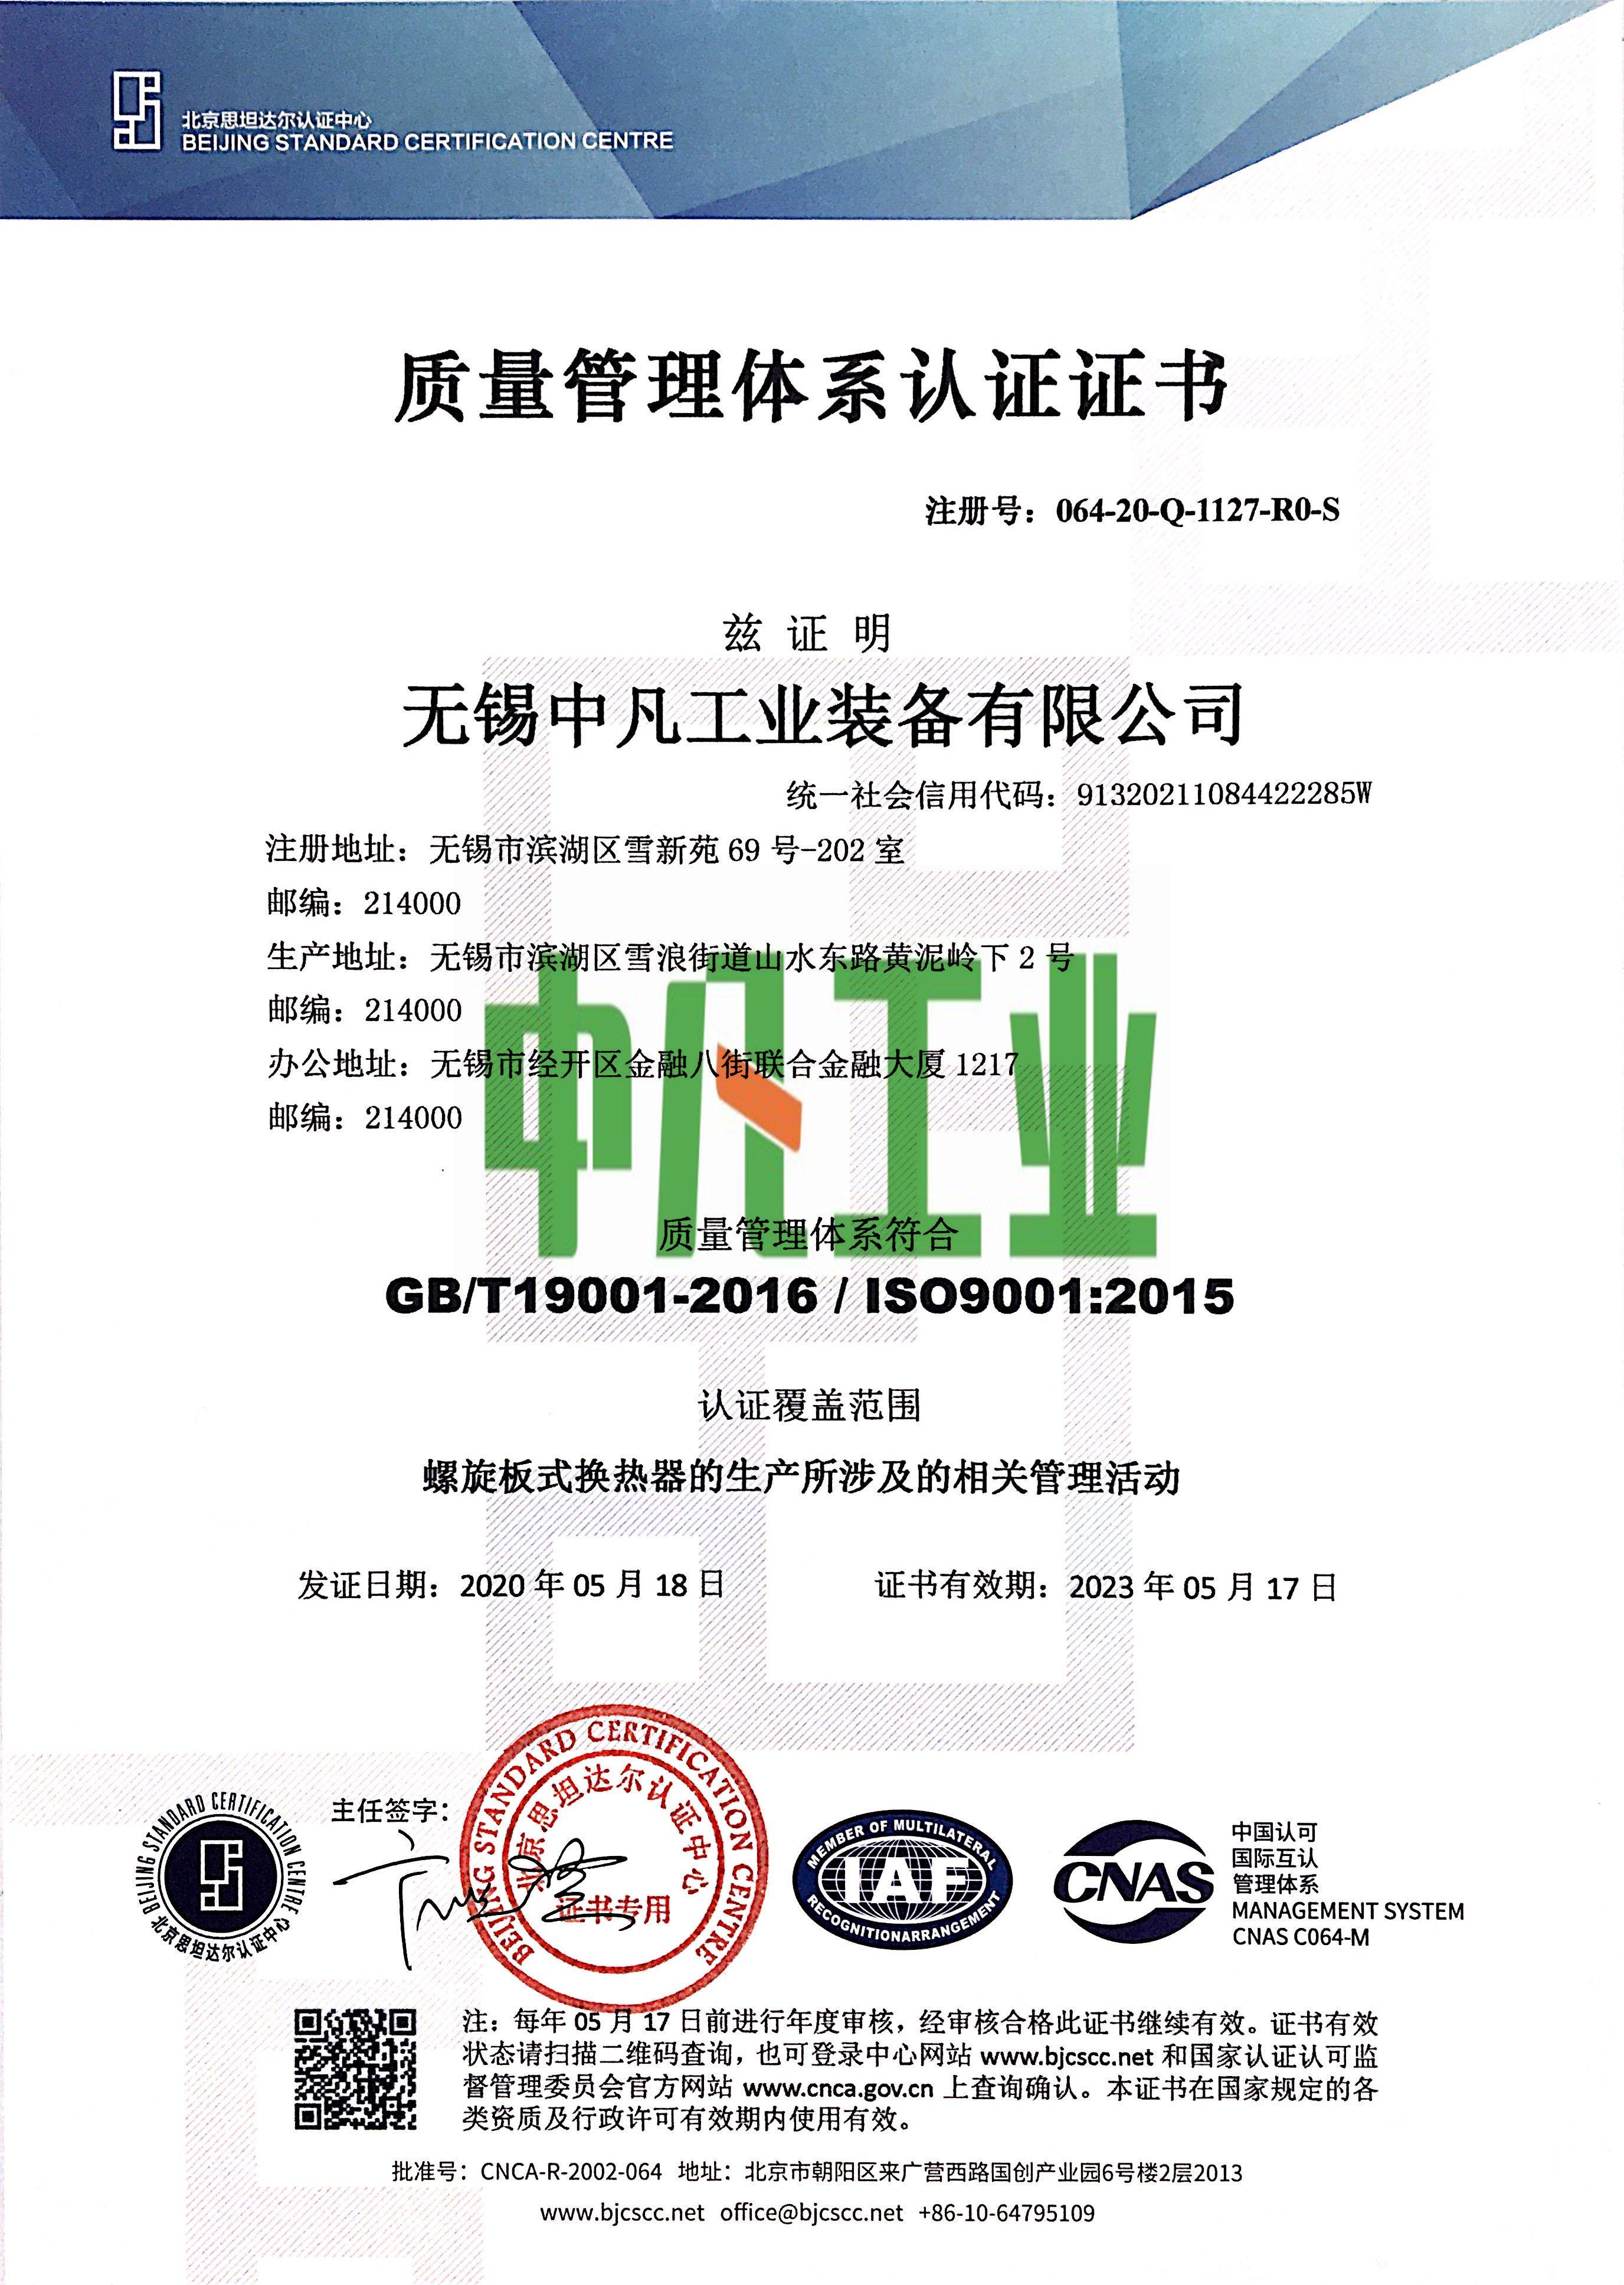 中凡工业:获得ISO9001质量管理体系认证证书